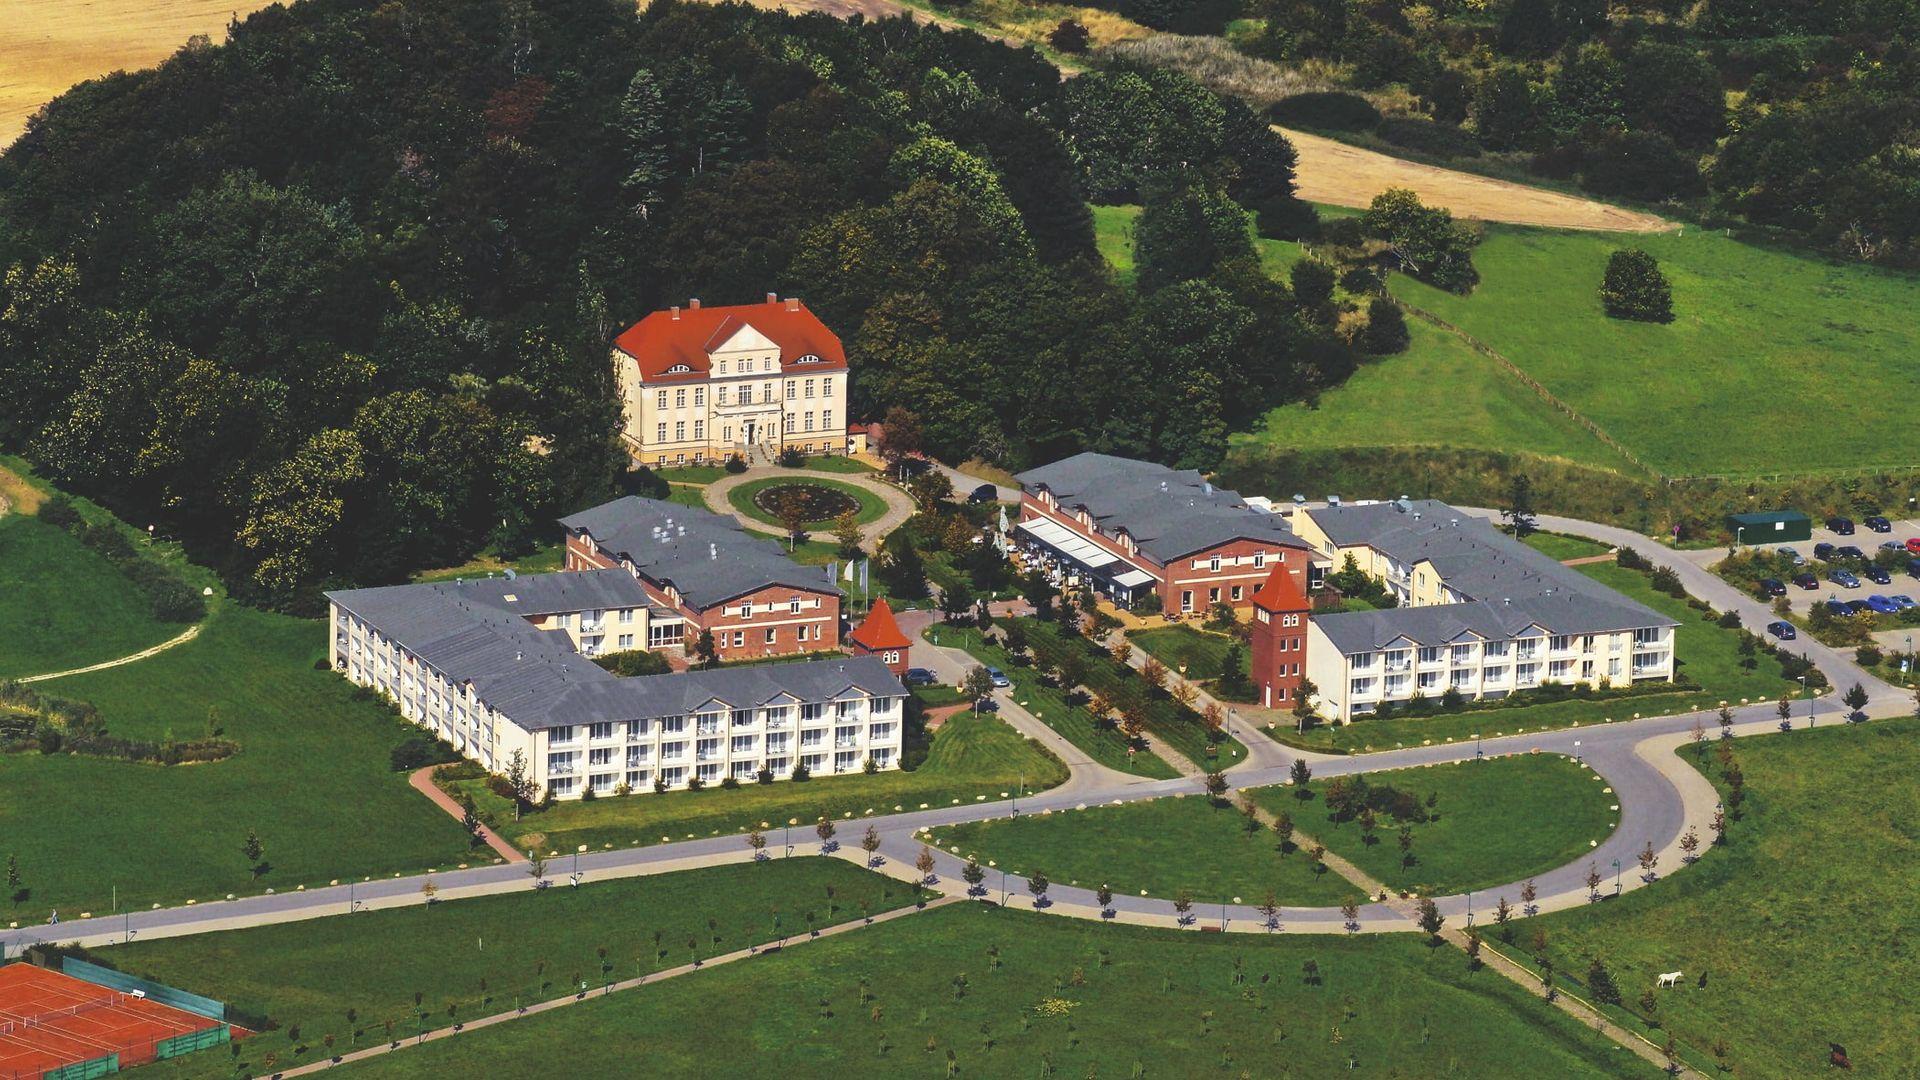 4*S Precise Resort Rügen